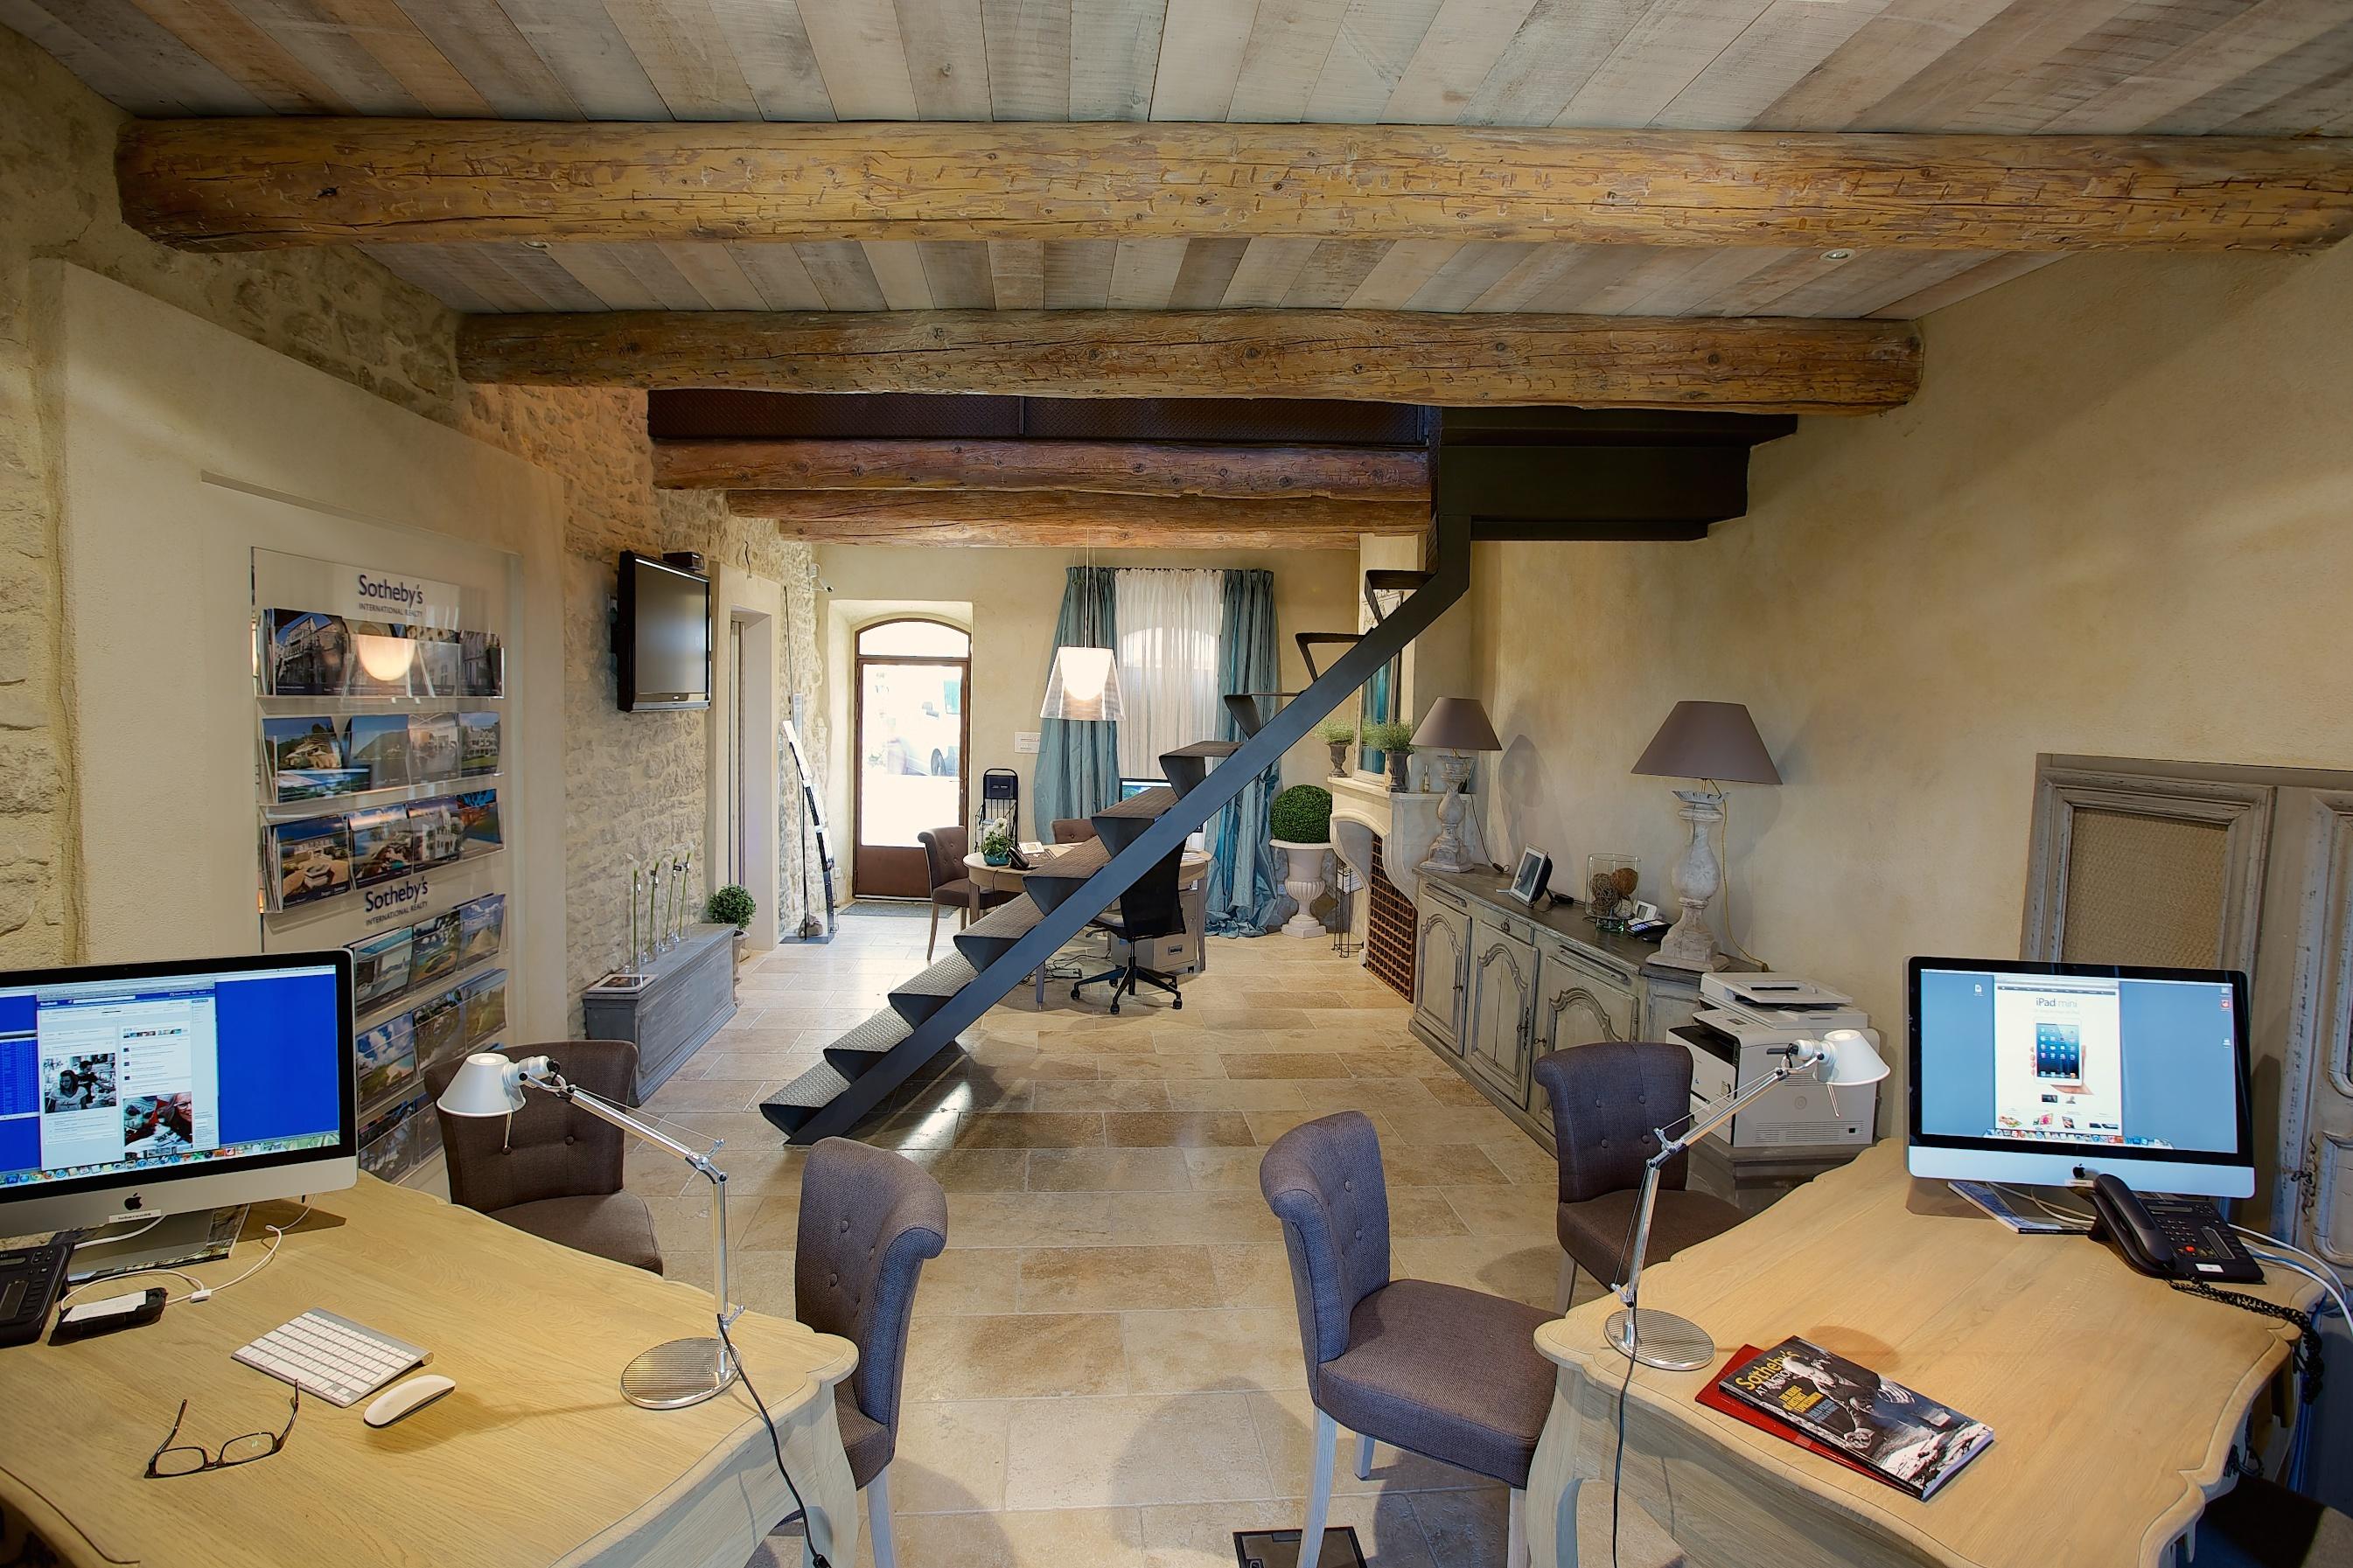 Office 180-b-898-5000000119 Photo